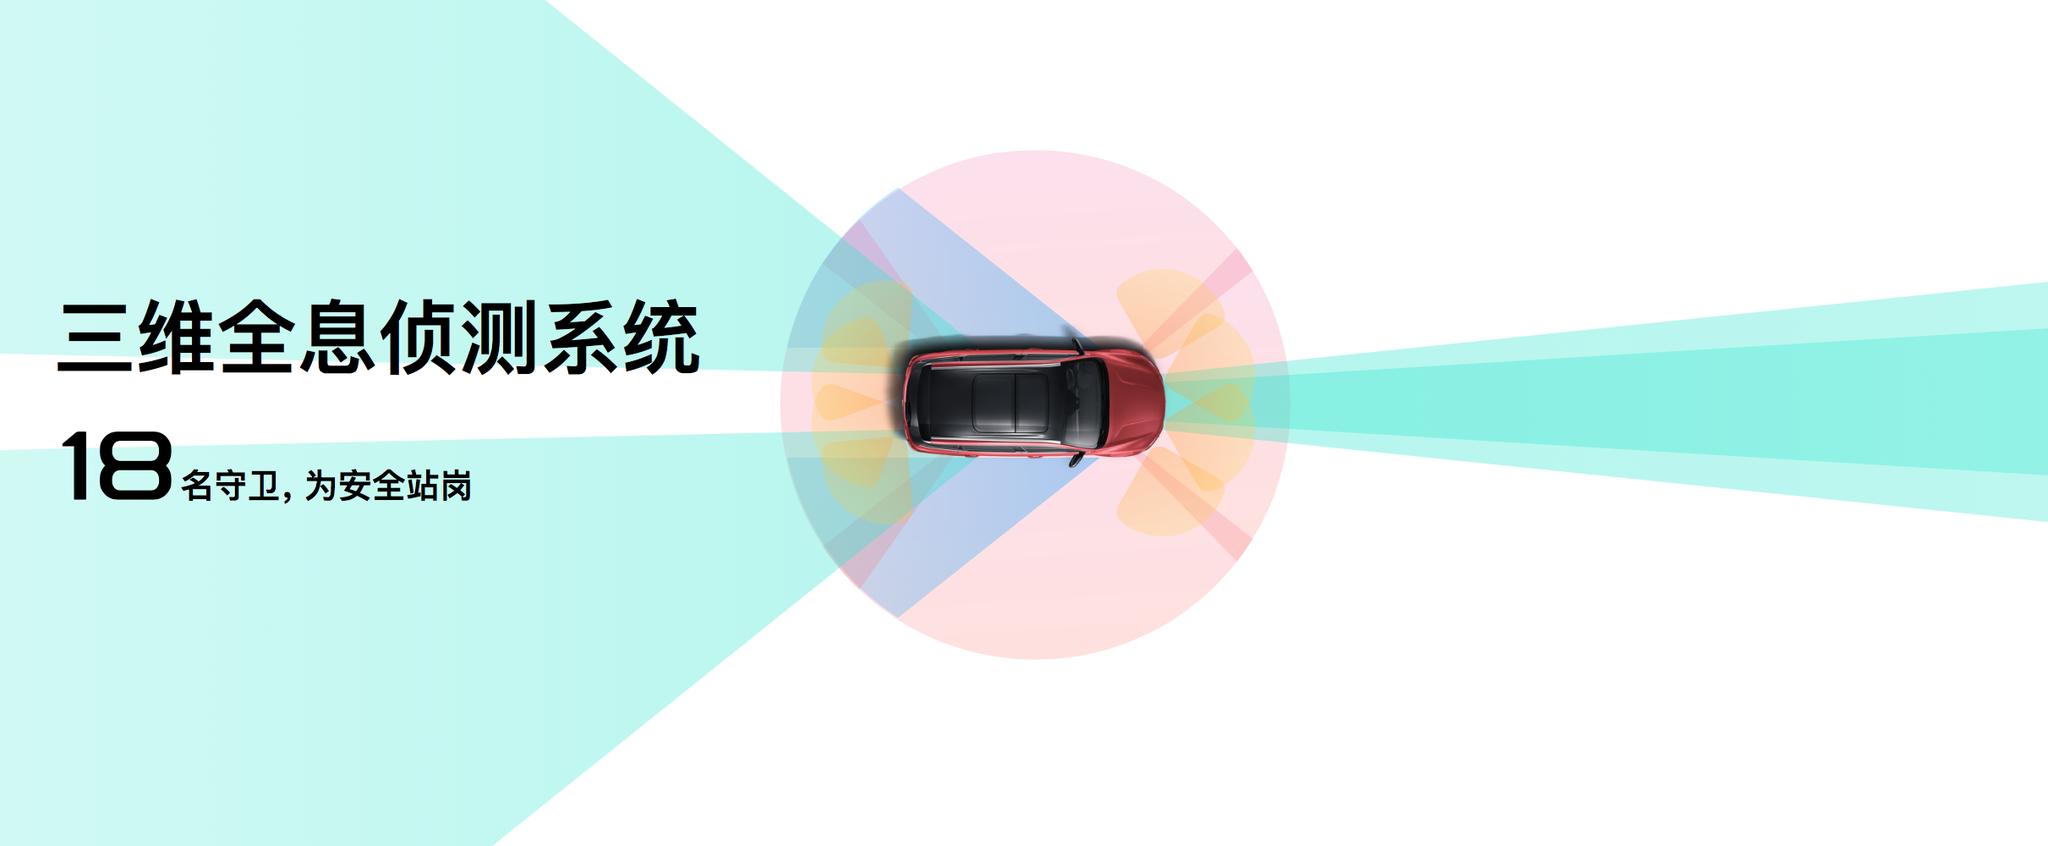 吉利博越PRO设计亮点发布 智能网联技术成焦点